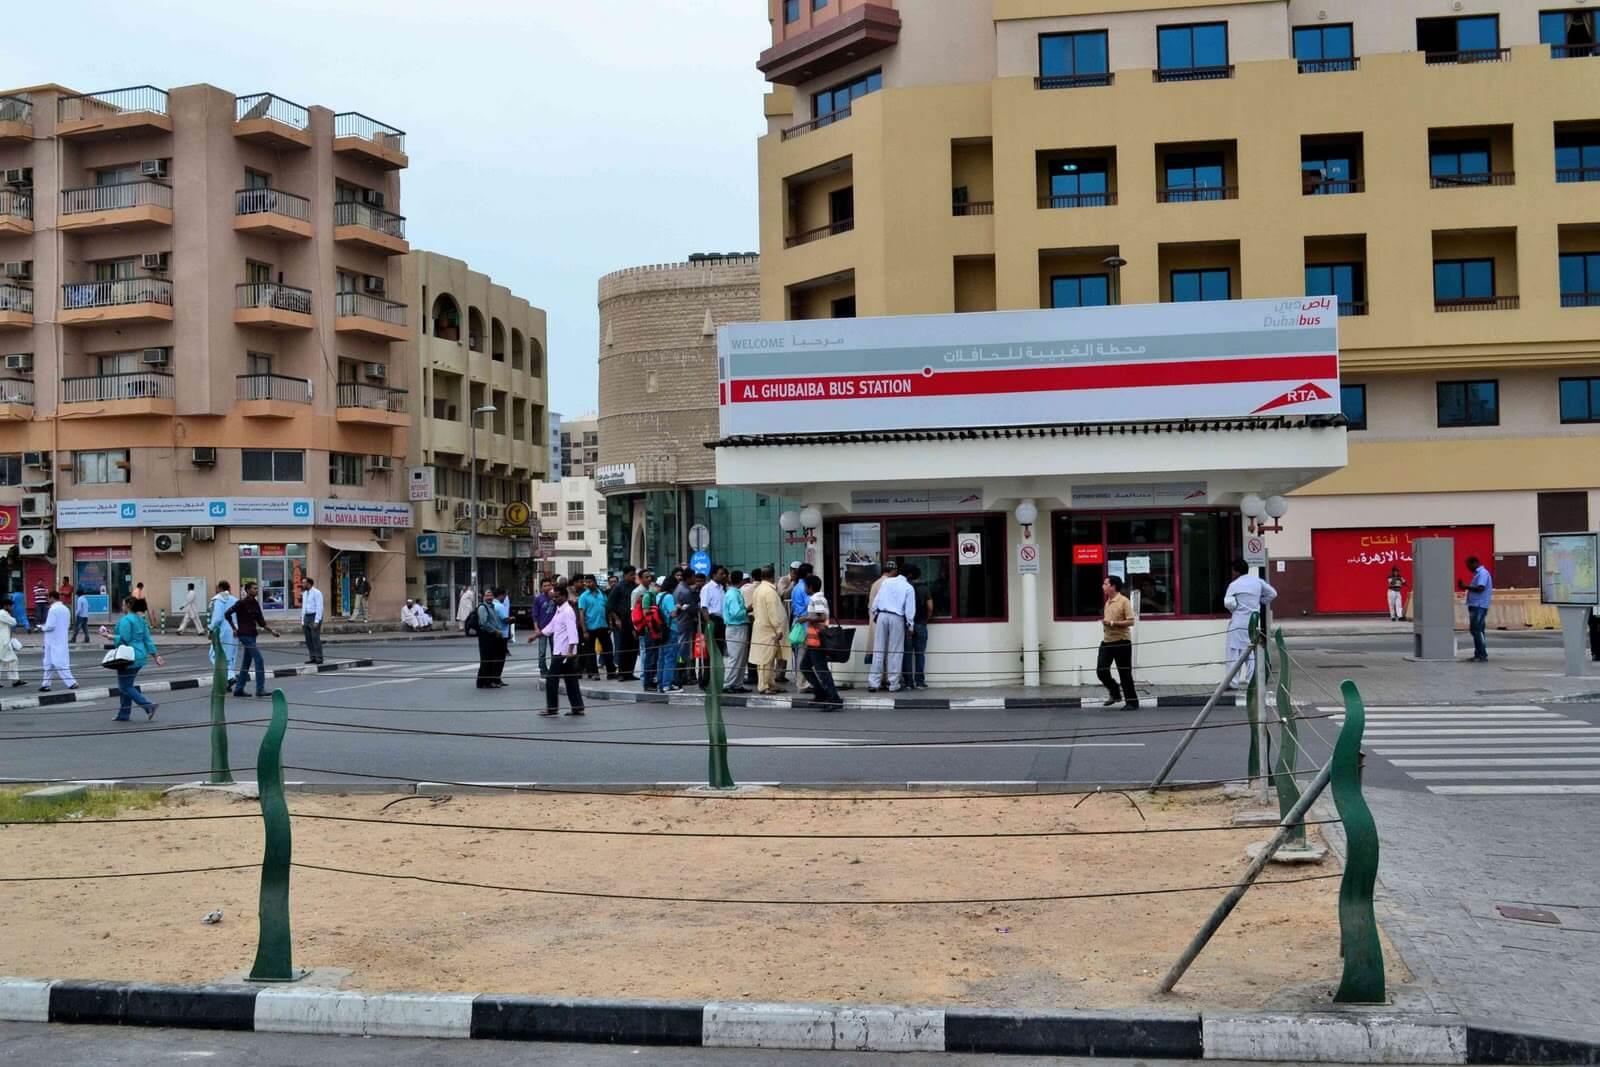 С автовокзала Дубая на автобусе